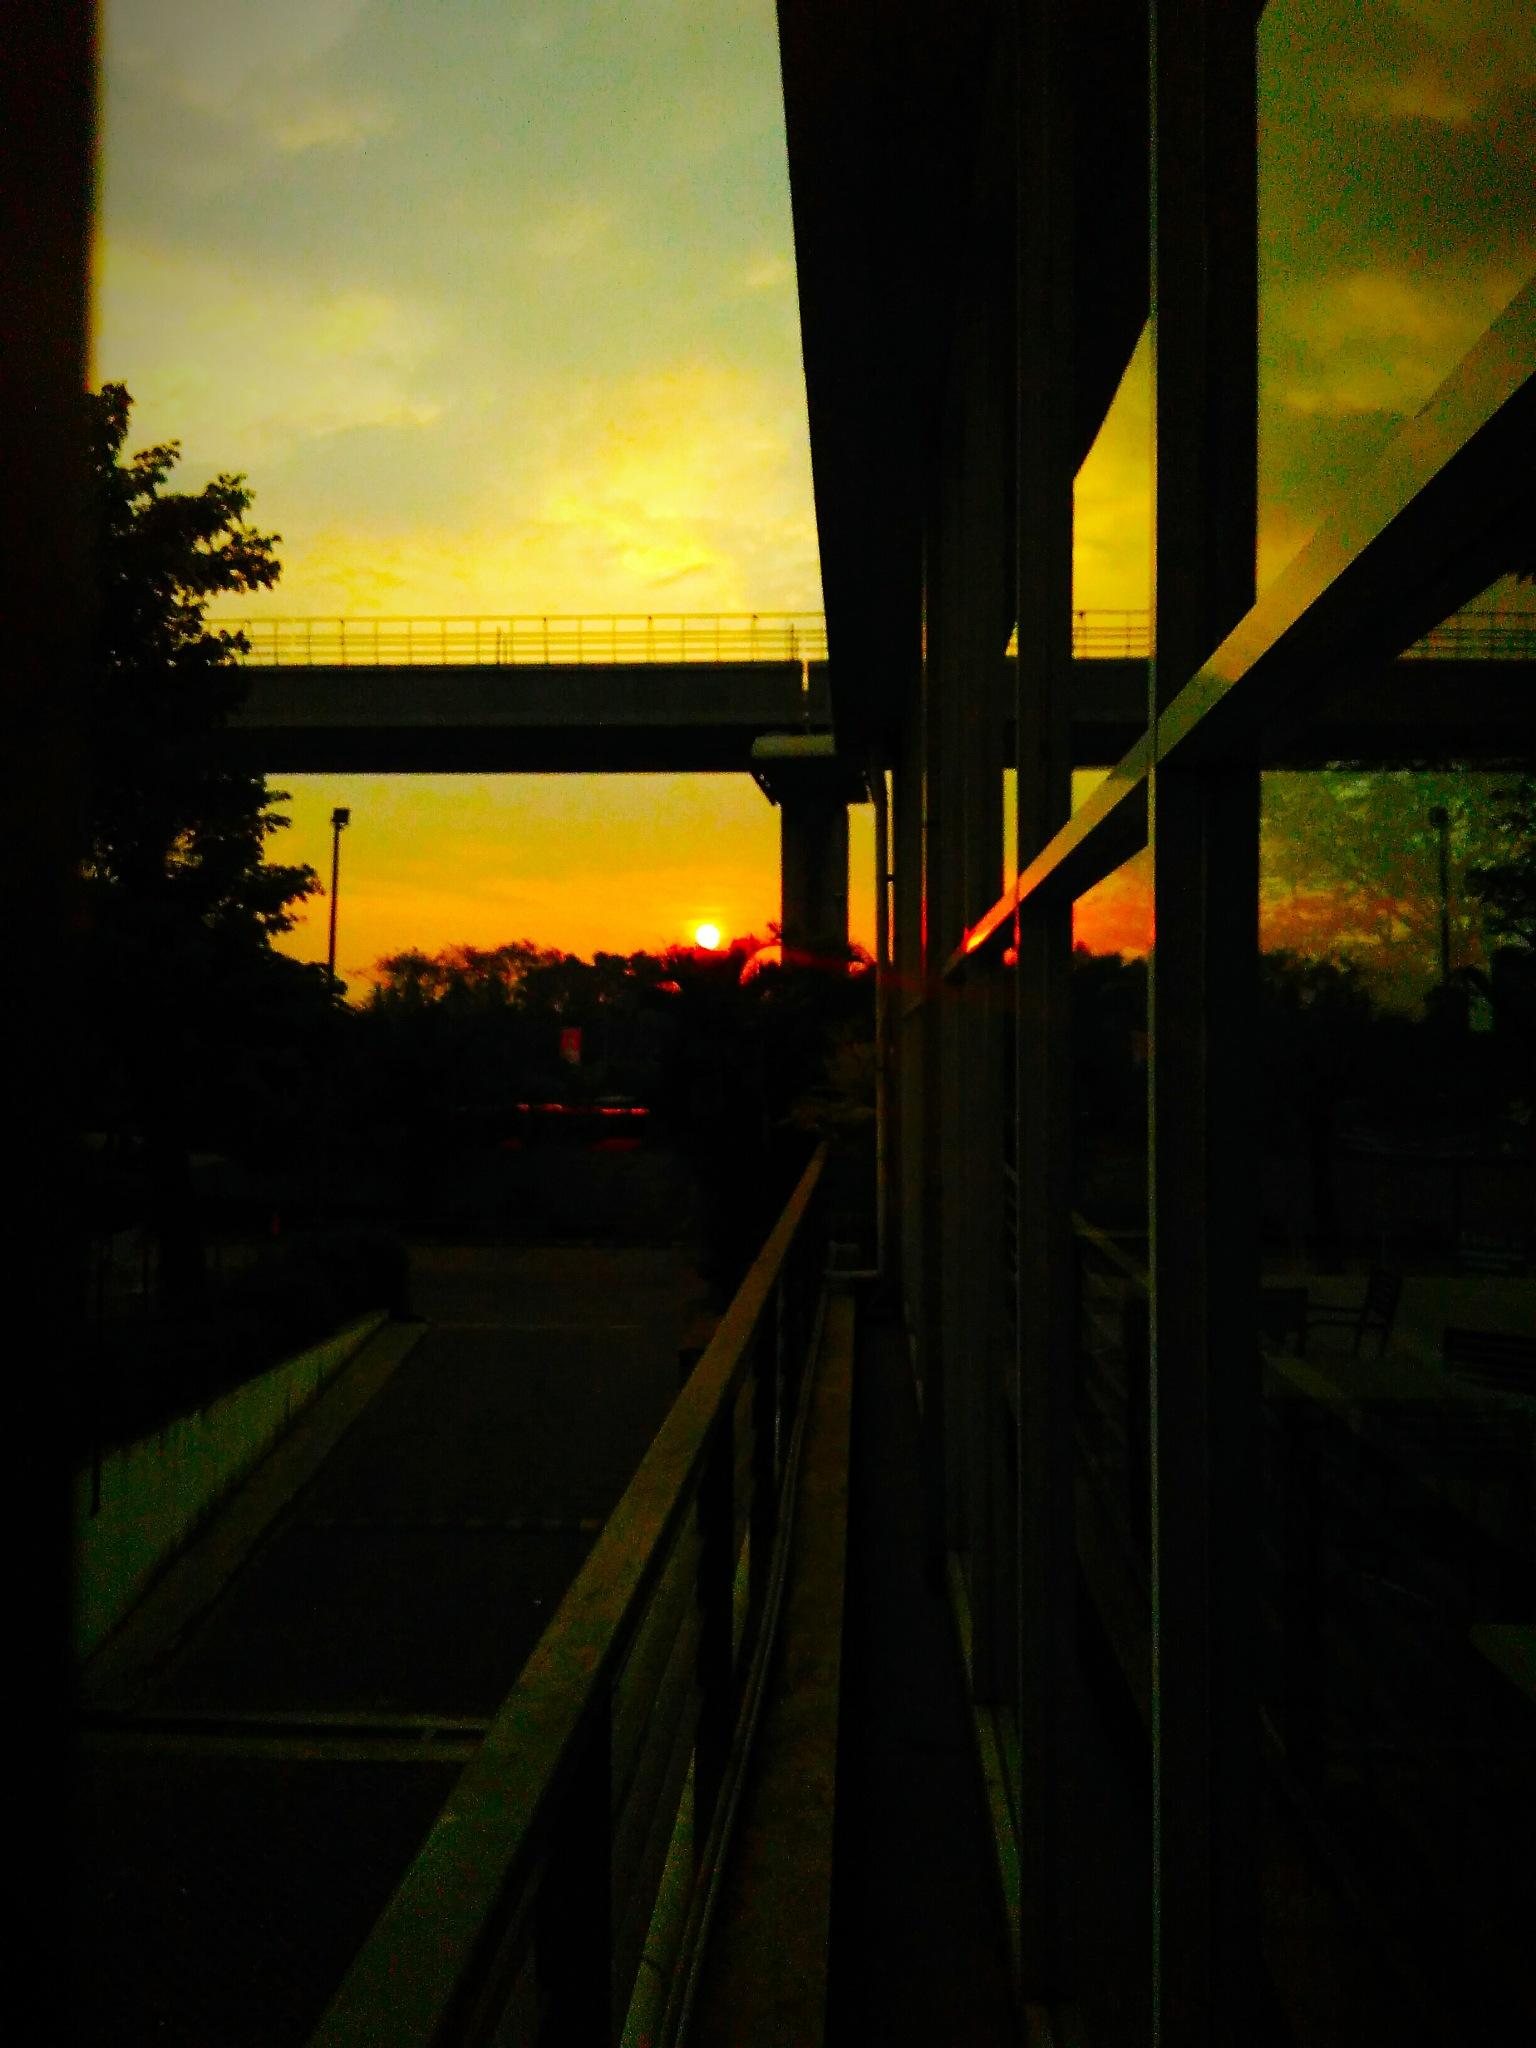 The Gleam Sun by Dendis Yudistira